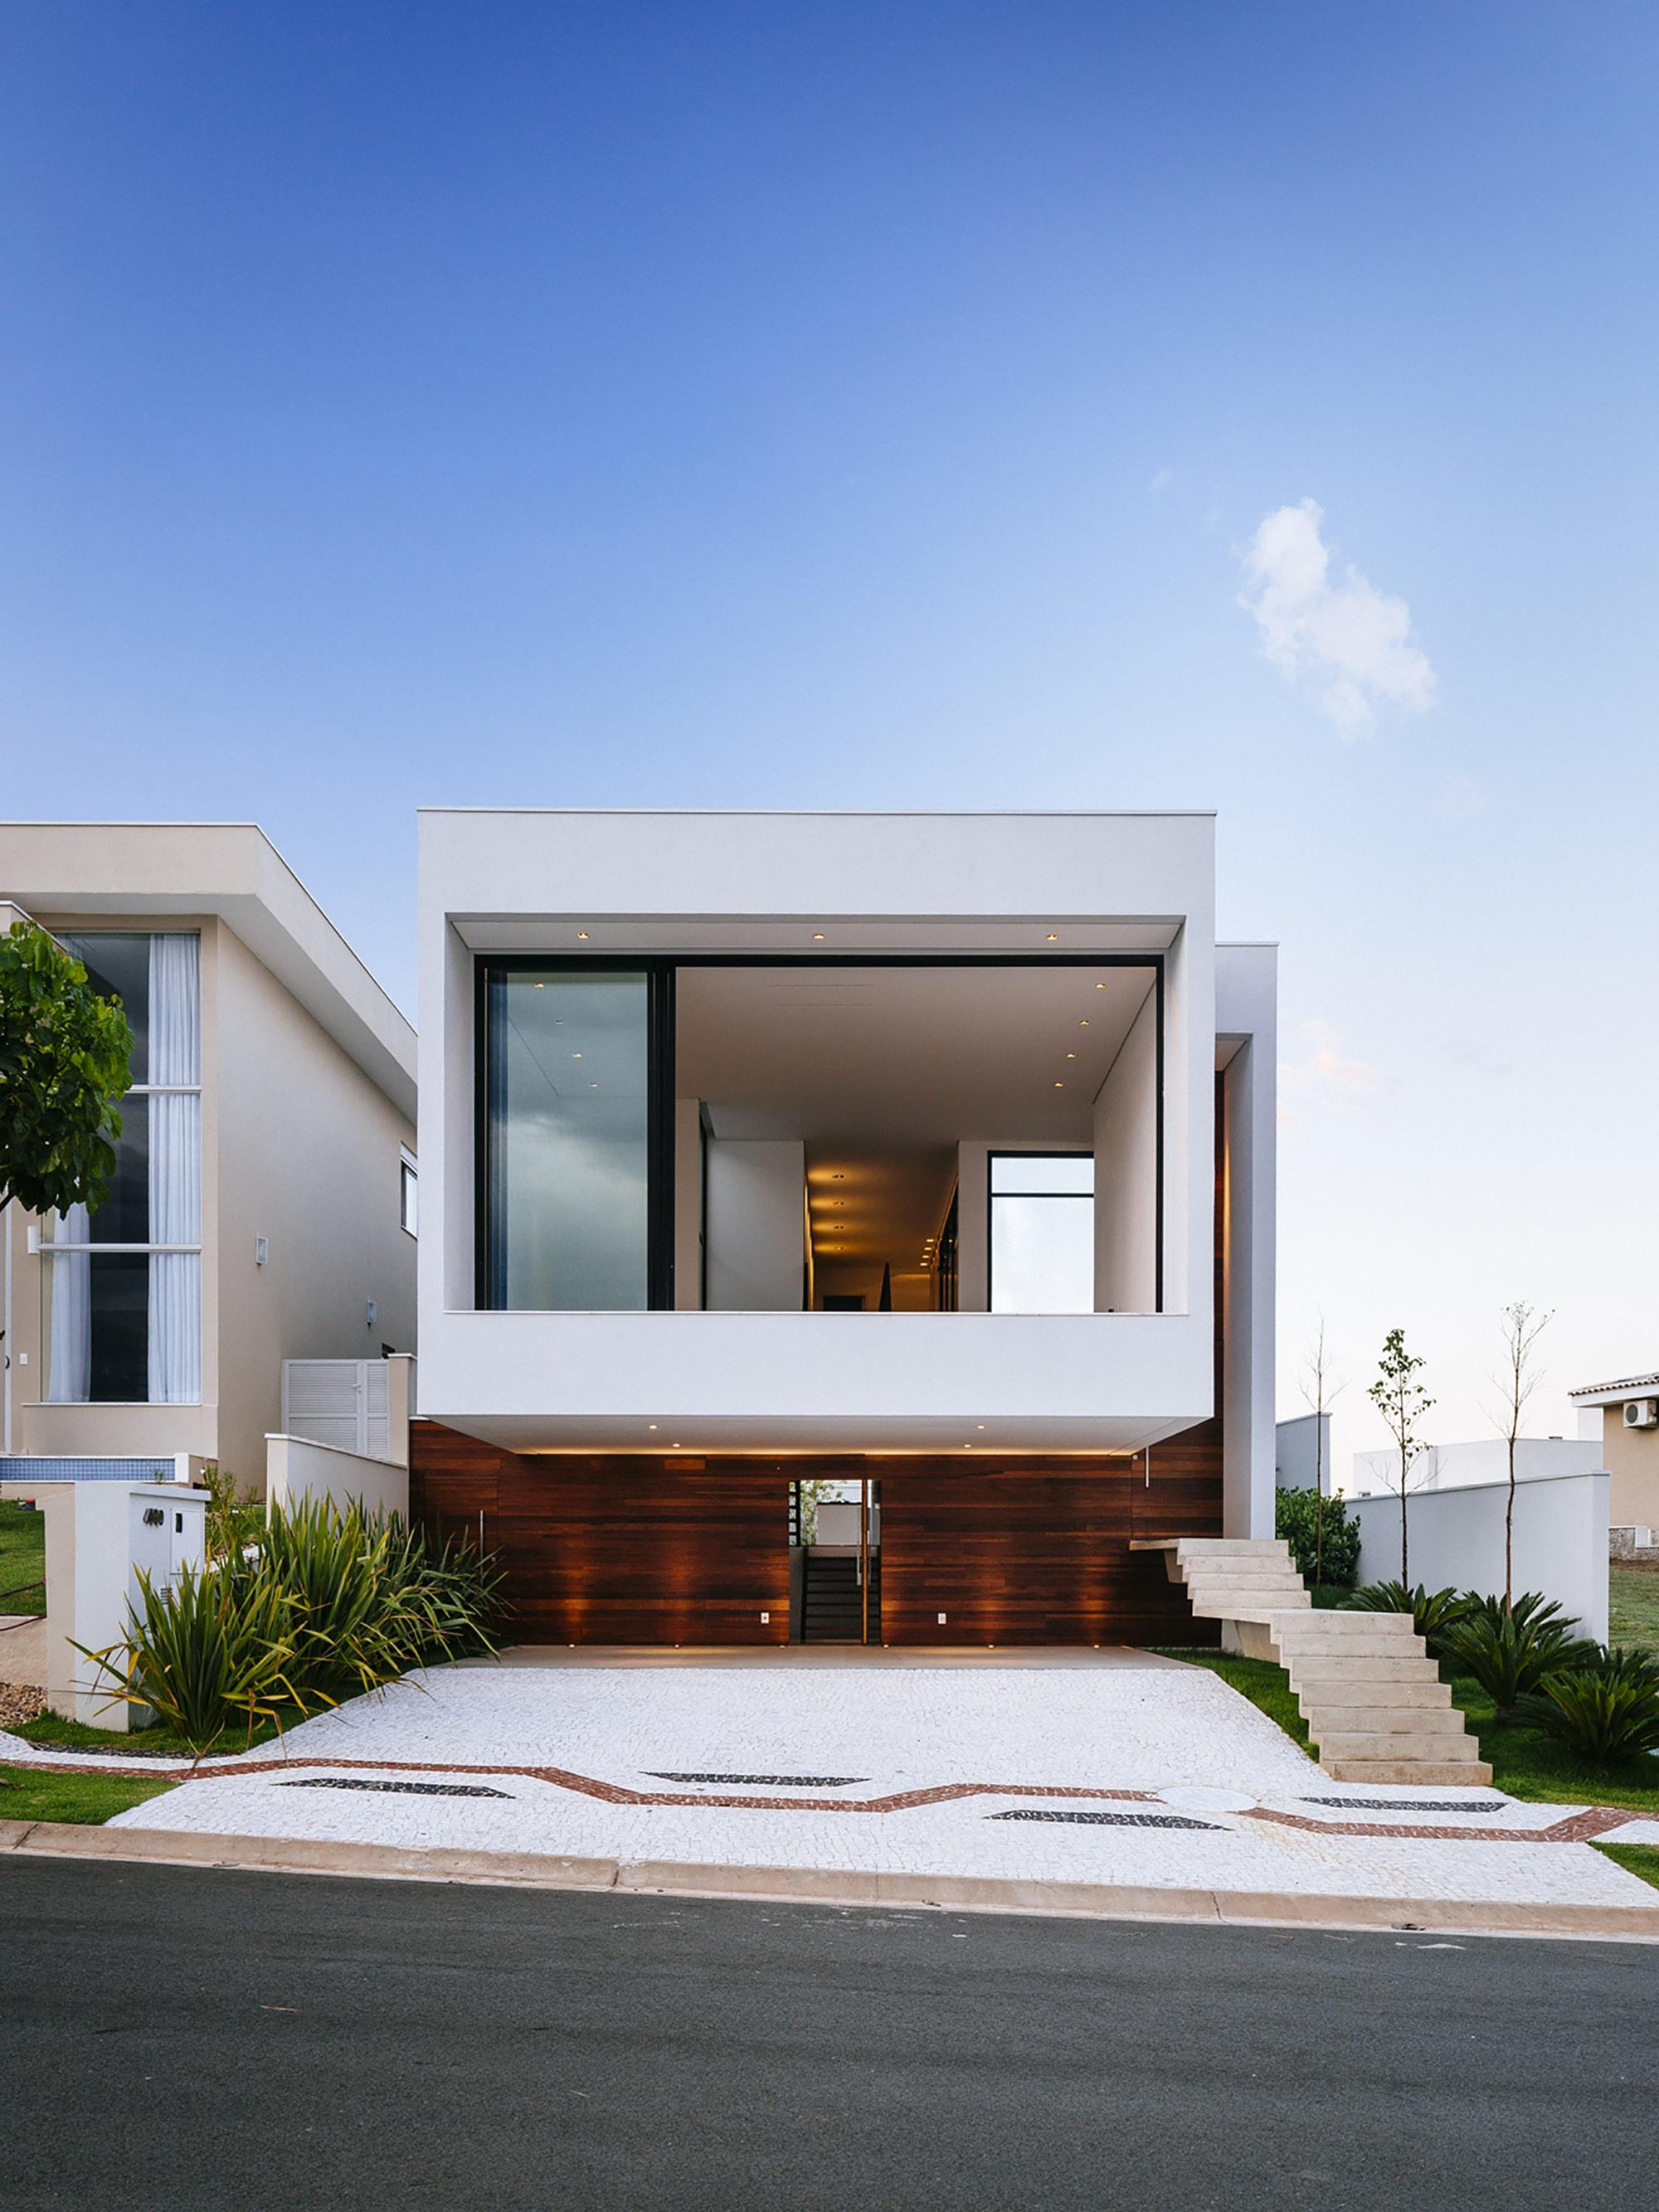 Dise o de moderna casa de dos pisos con fachada y planos for Fachadas de casas segundo piso